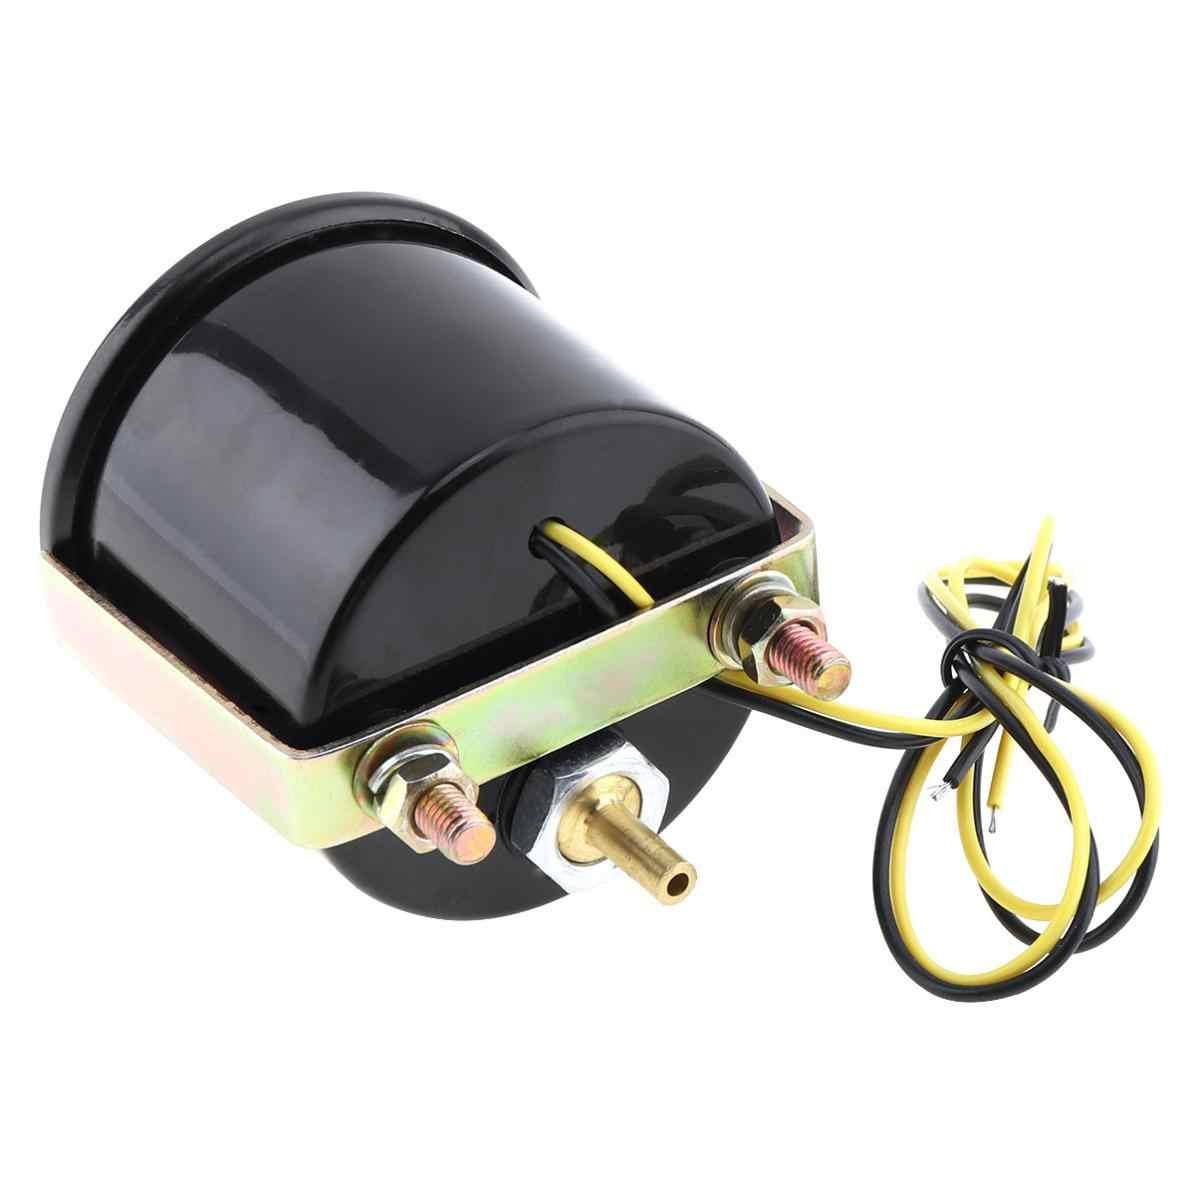 """6031BL 2 """"52mm 12V LED Xanh Dương-1 ~ 2 Thanh Xe Ô Tô Turbo Boost Đo Đồng Hồ với cảm biến cho Xe Hơi/Ô Tàu/Xe Tải/ATV"""